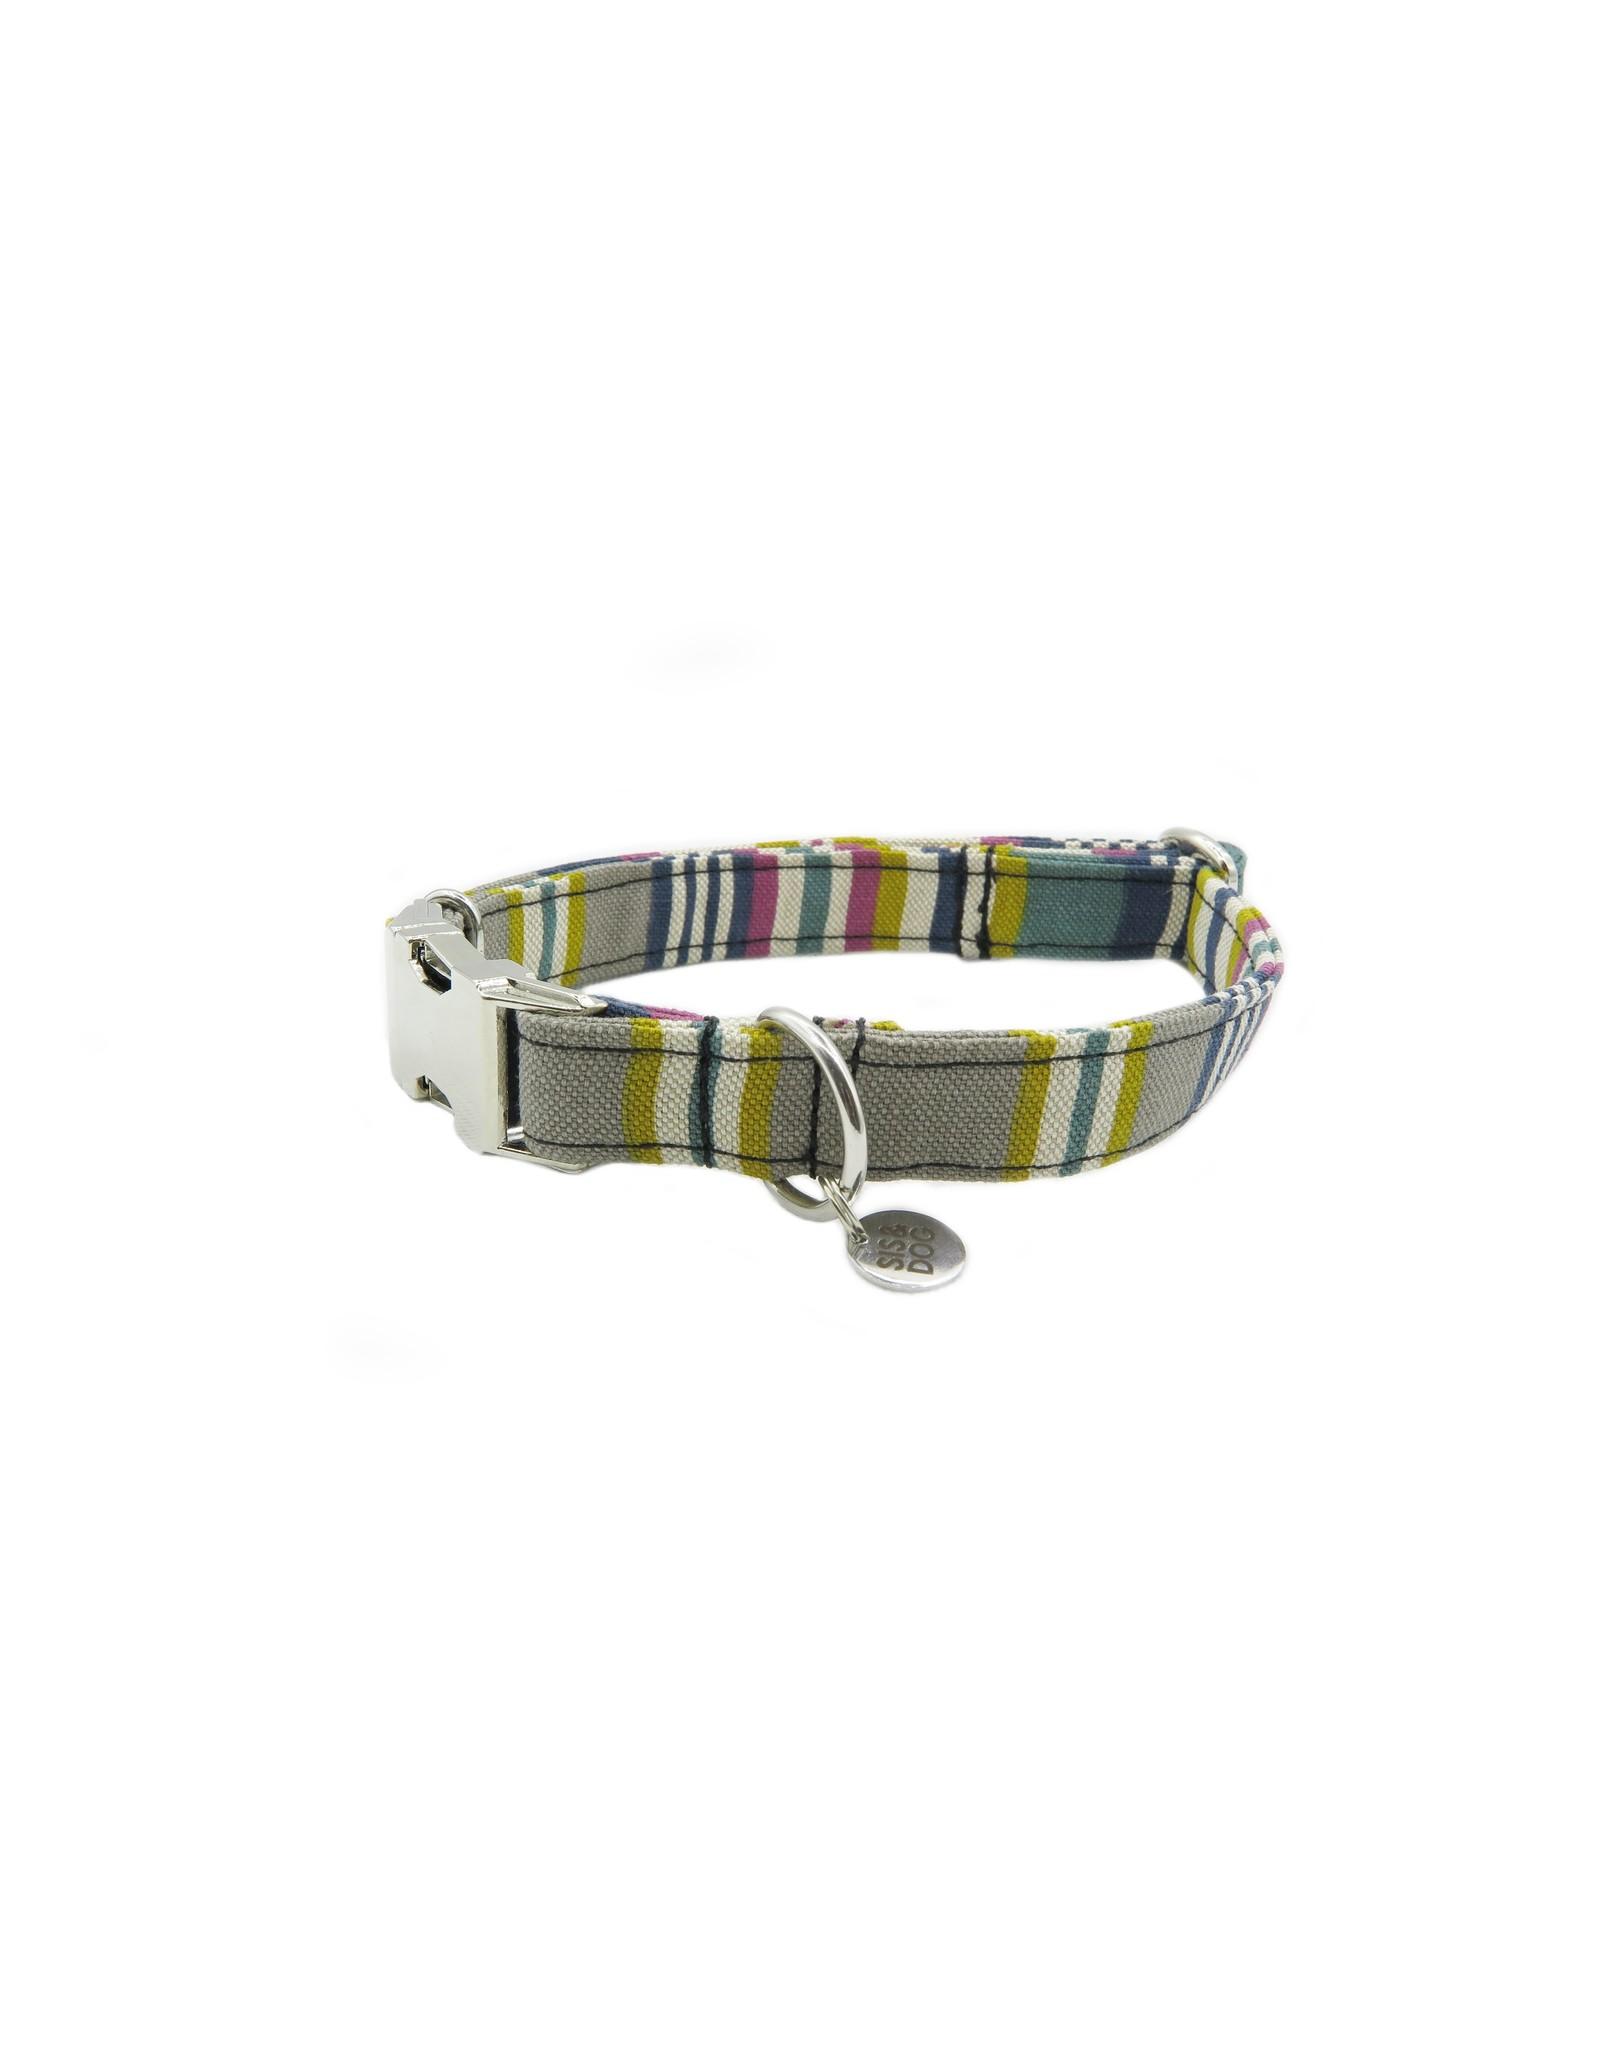 Collar dakota